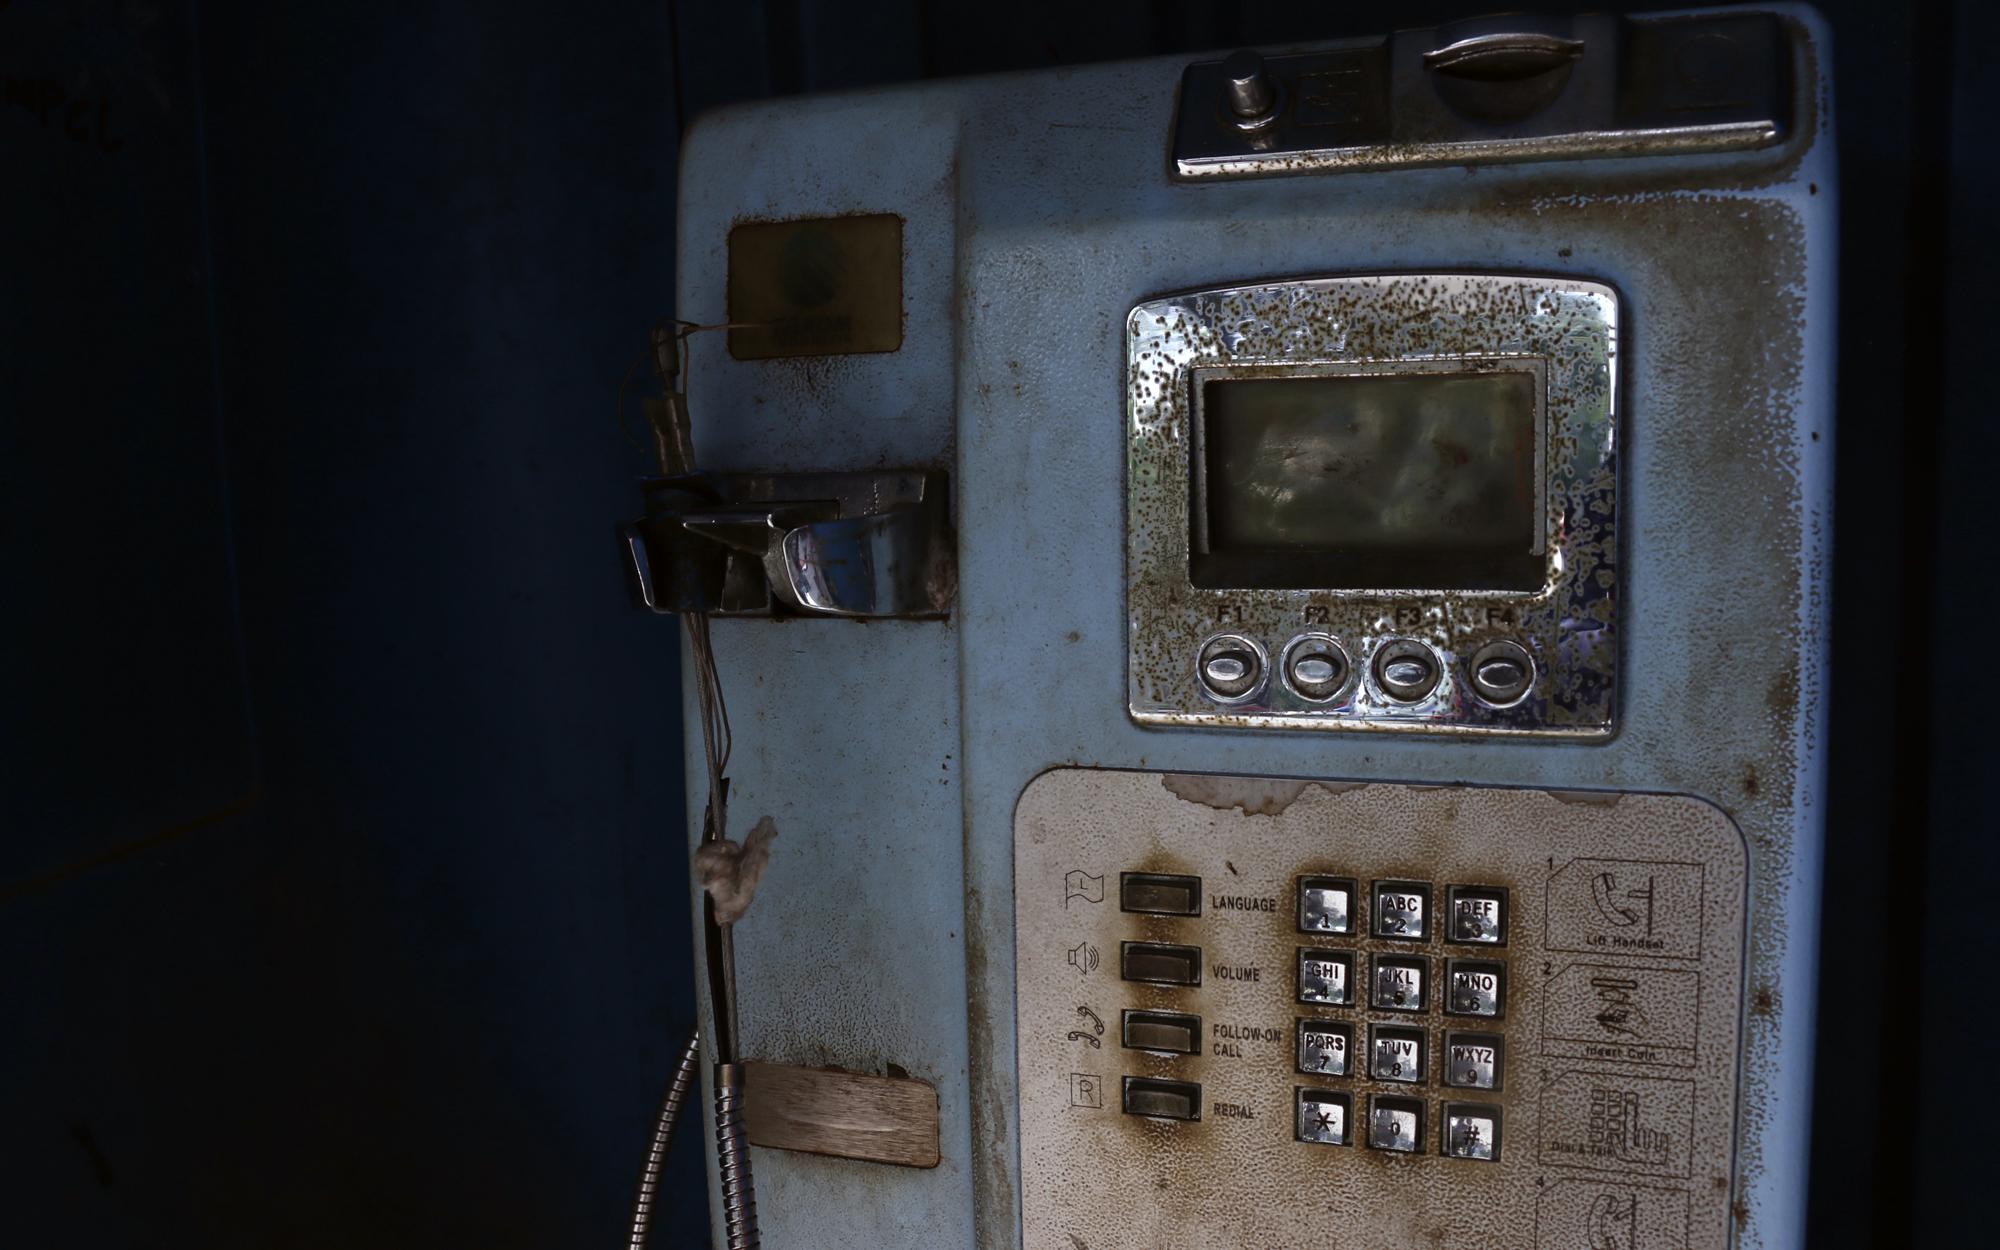 Kondisi telepon koin yang rusak dan tidak digunakan lagi. (Lampungnews/El Shinta)